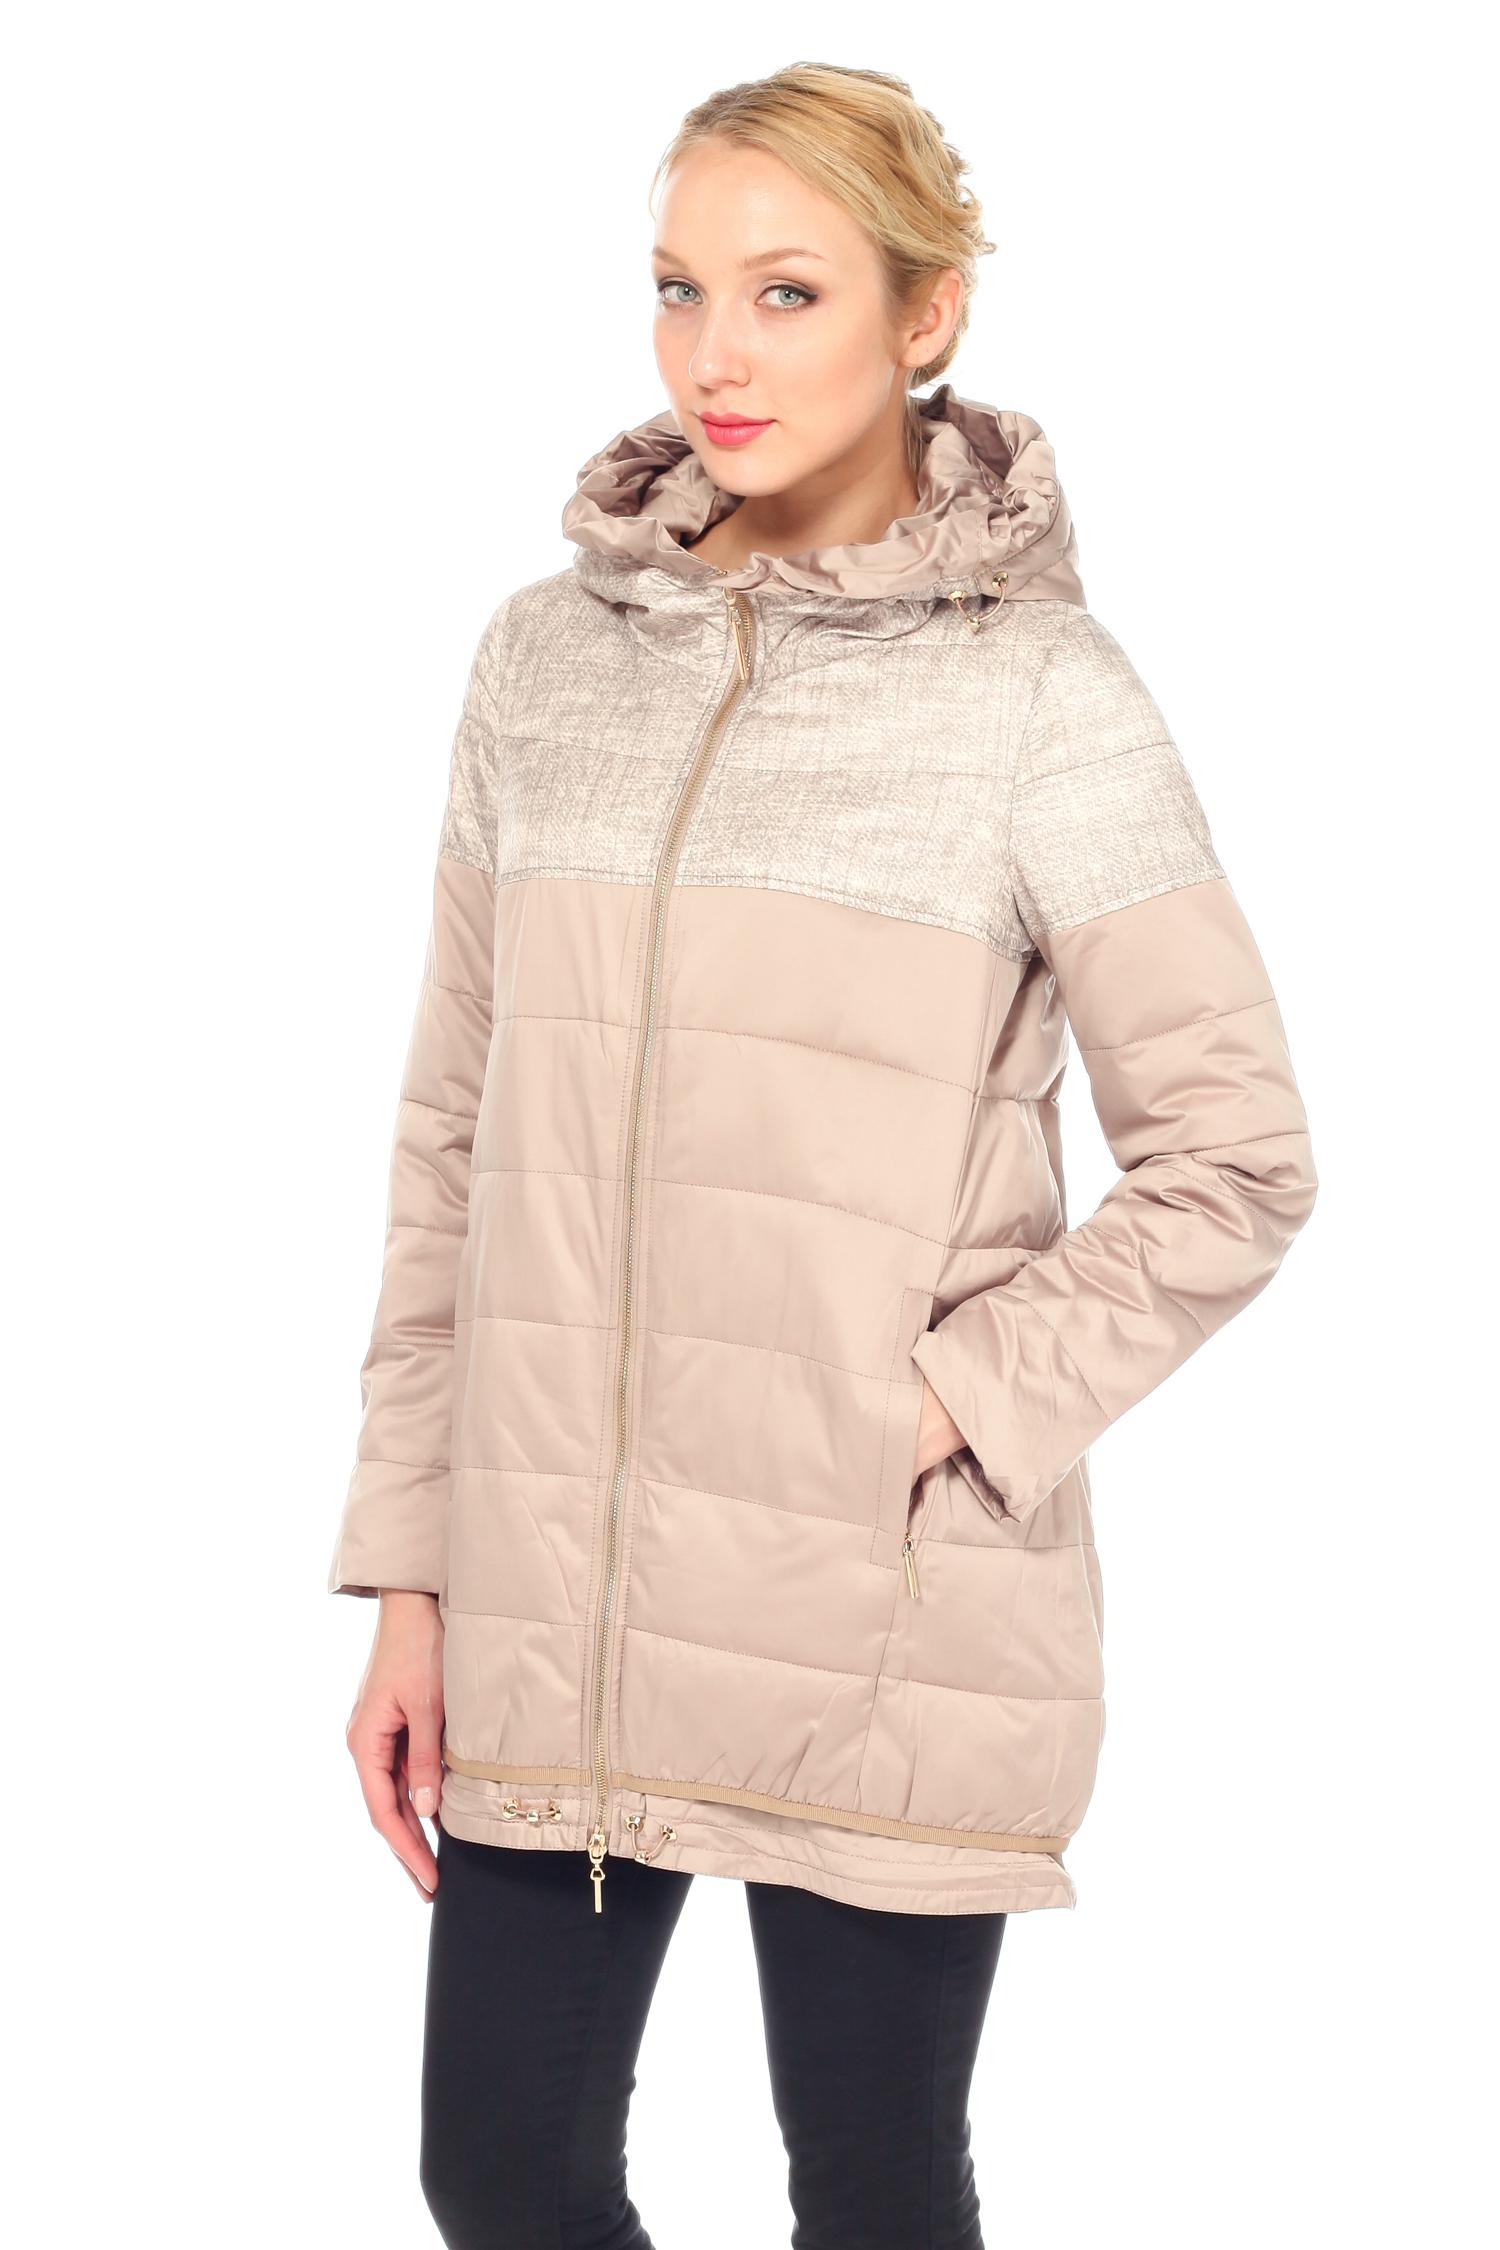 Куртка женская из текстиля с капюшоном, без отделкиКуртка от Московской меховой компании выполнена из текстиля бежевого цвета. Модель прямого силуэта с застежкой на молнию. Детали: несъемный капюшон; боковые карманы без застежки; капюшон и низ изделия закреплены кулиской; подкладка из полиэстера.<br><br>Воротник: капюшон<br>Длина см: Средняя (75-89 )<br>Материал: Текстиль<br>Цвет: бежевый<br>Вид застежки: центральная<br>Застежка: на молнии<br>Пол: Женский<br>Размер RU: 54